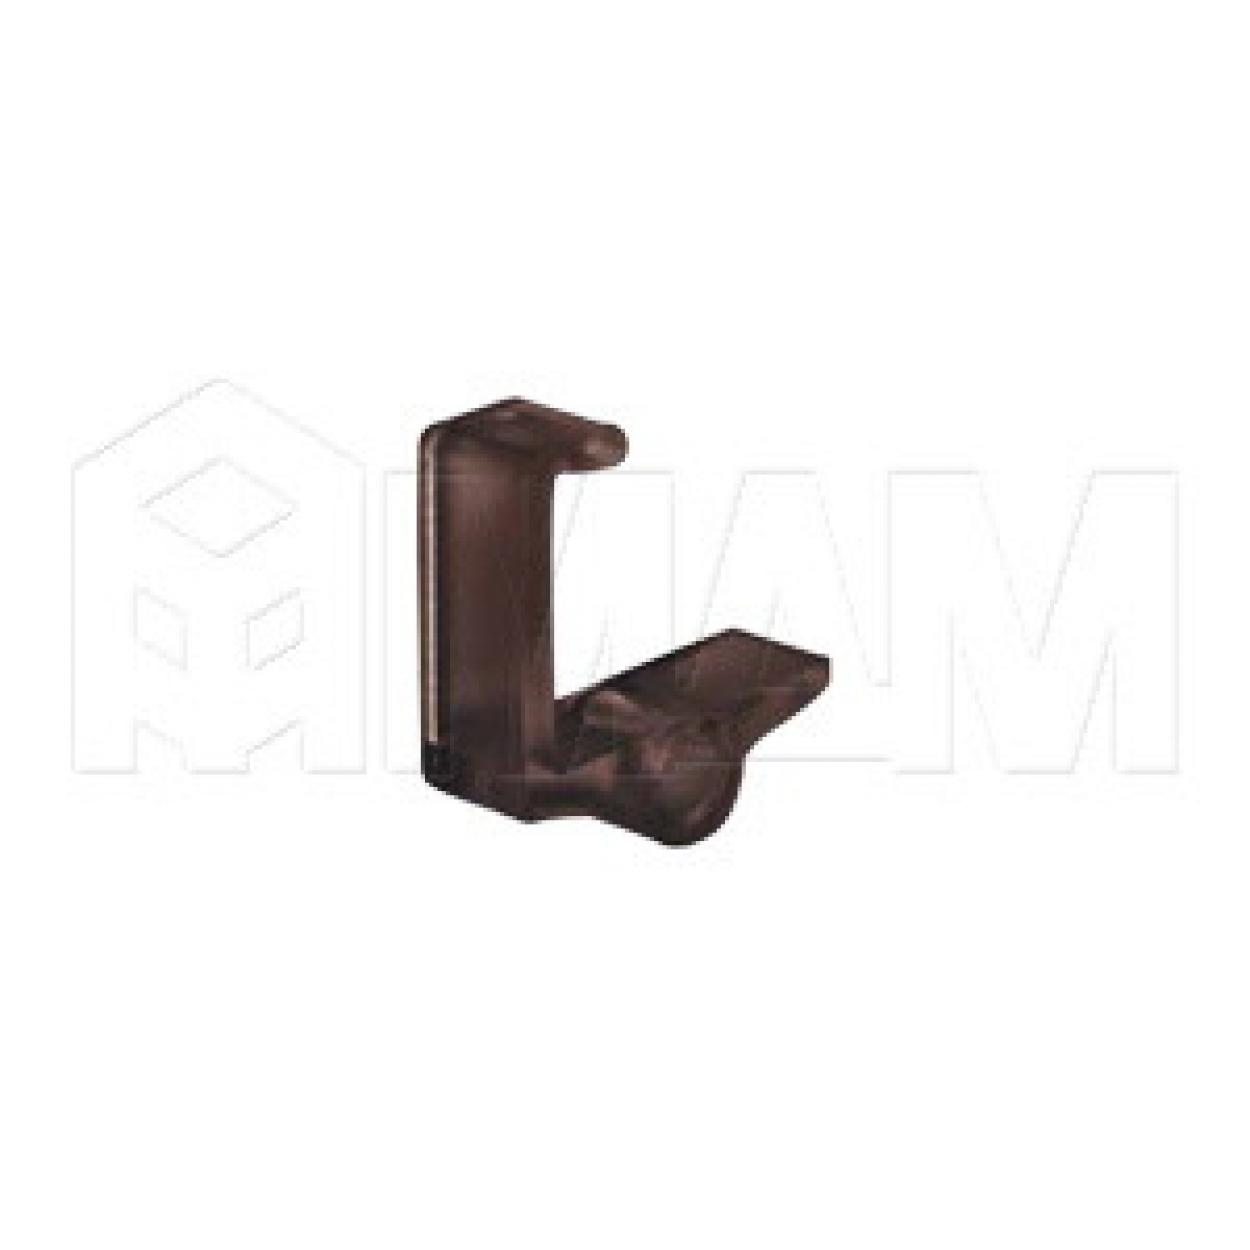 Полкодержатель-фиксатор для ДСП 16 мм (коричневый)